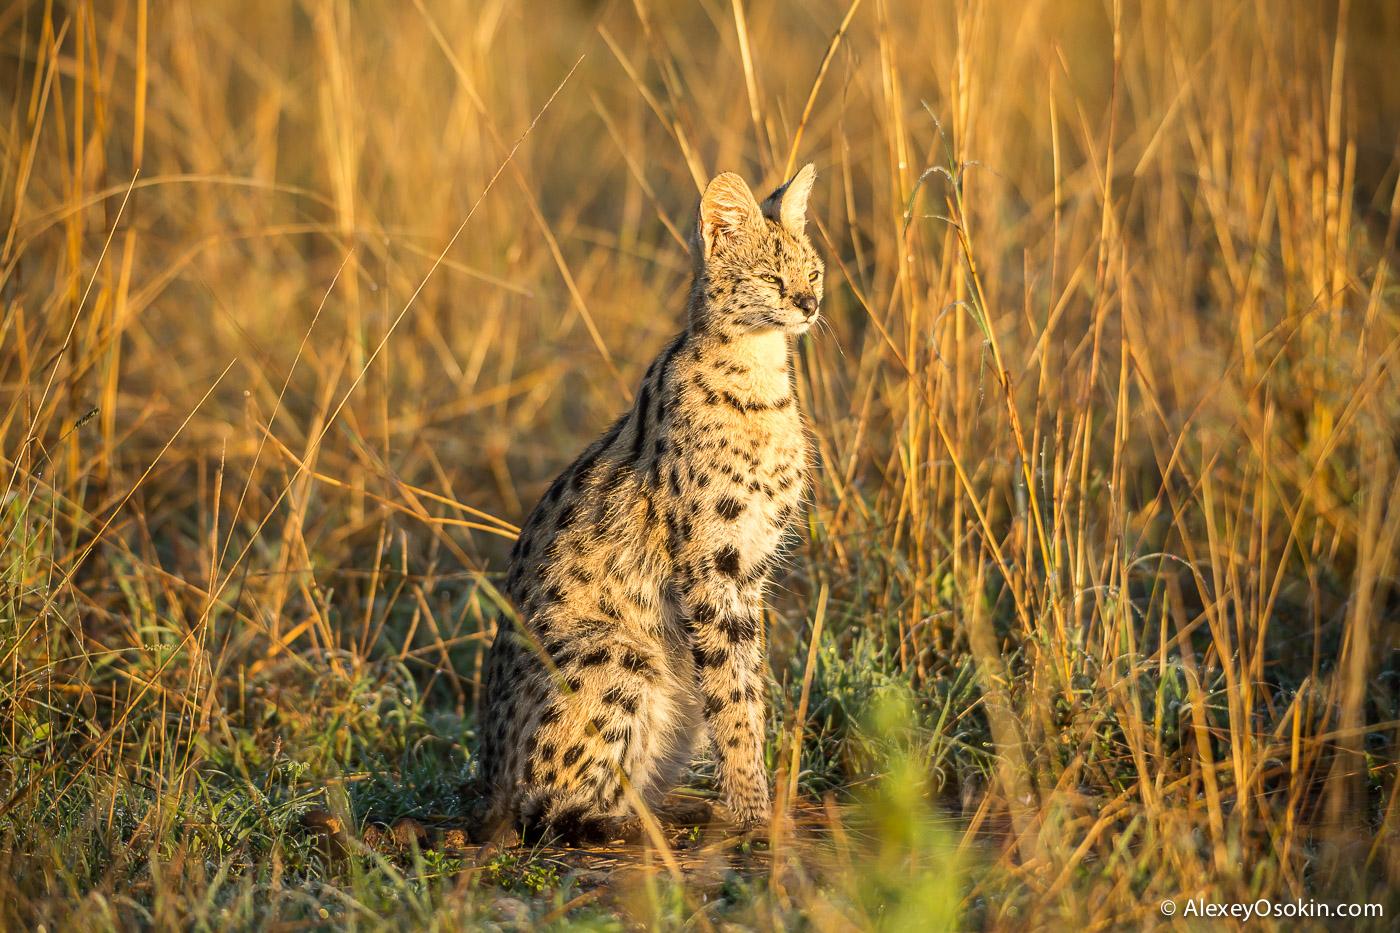 Kenya_serval_ao-3.jpg